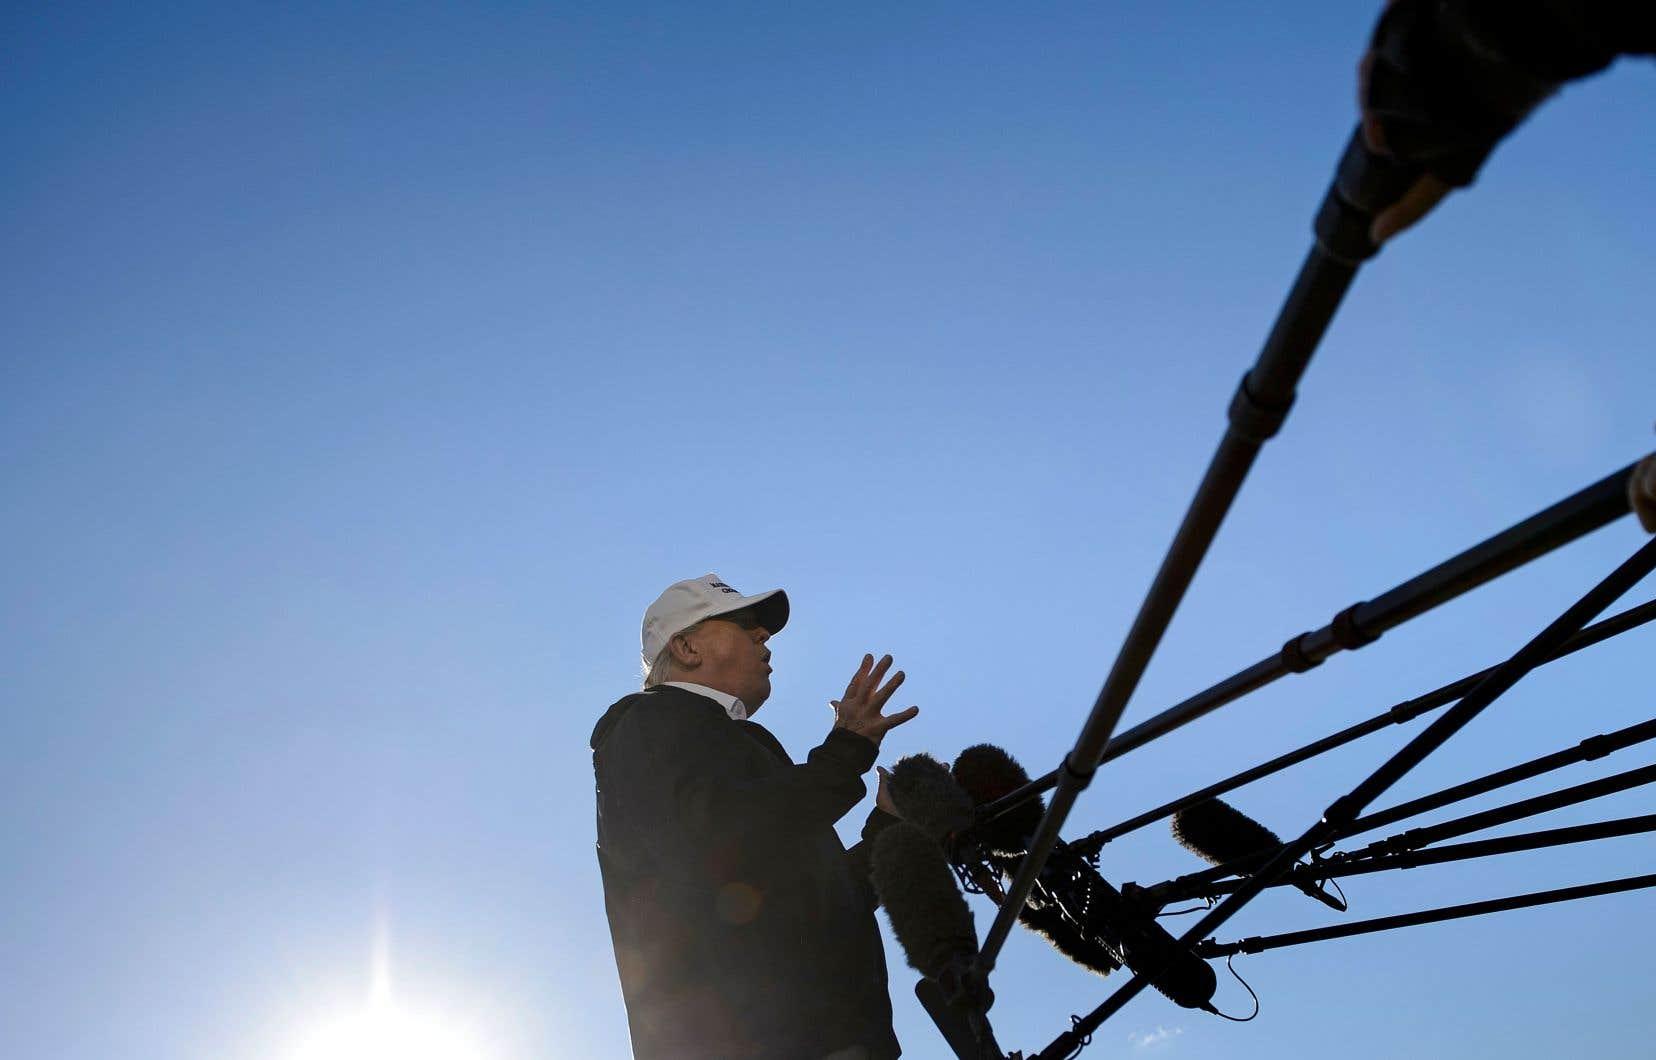 À McAllen au Texas, le président américain, Donald Trump, a attribué aux démocrates la responsabilité de la fermeture partielle du gouvernement.